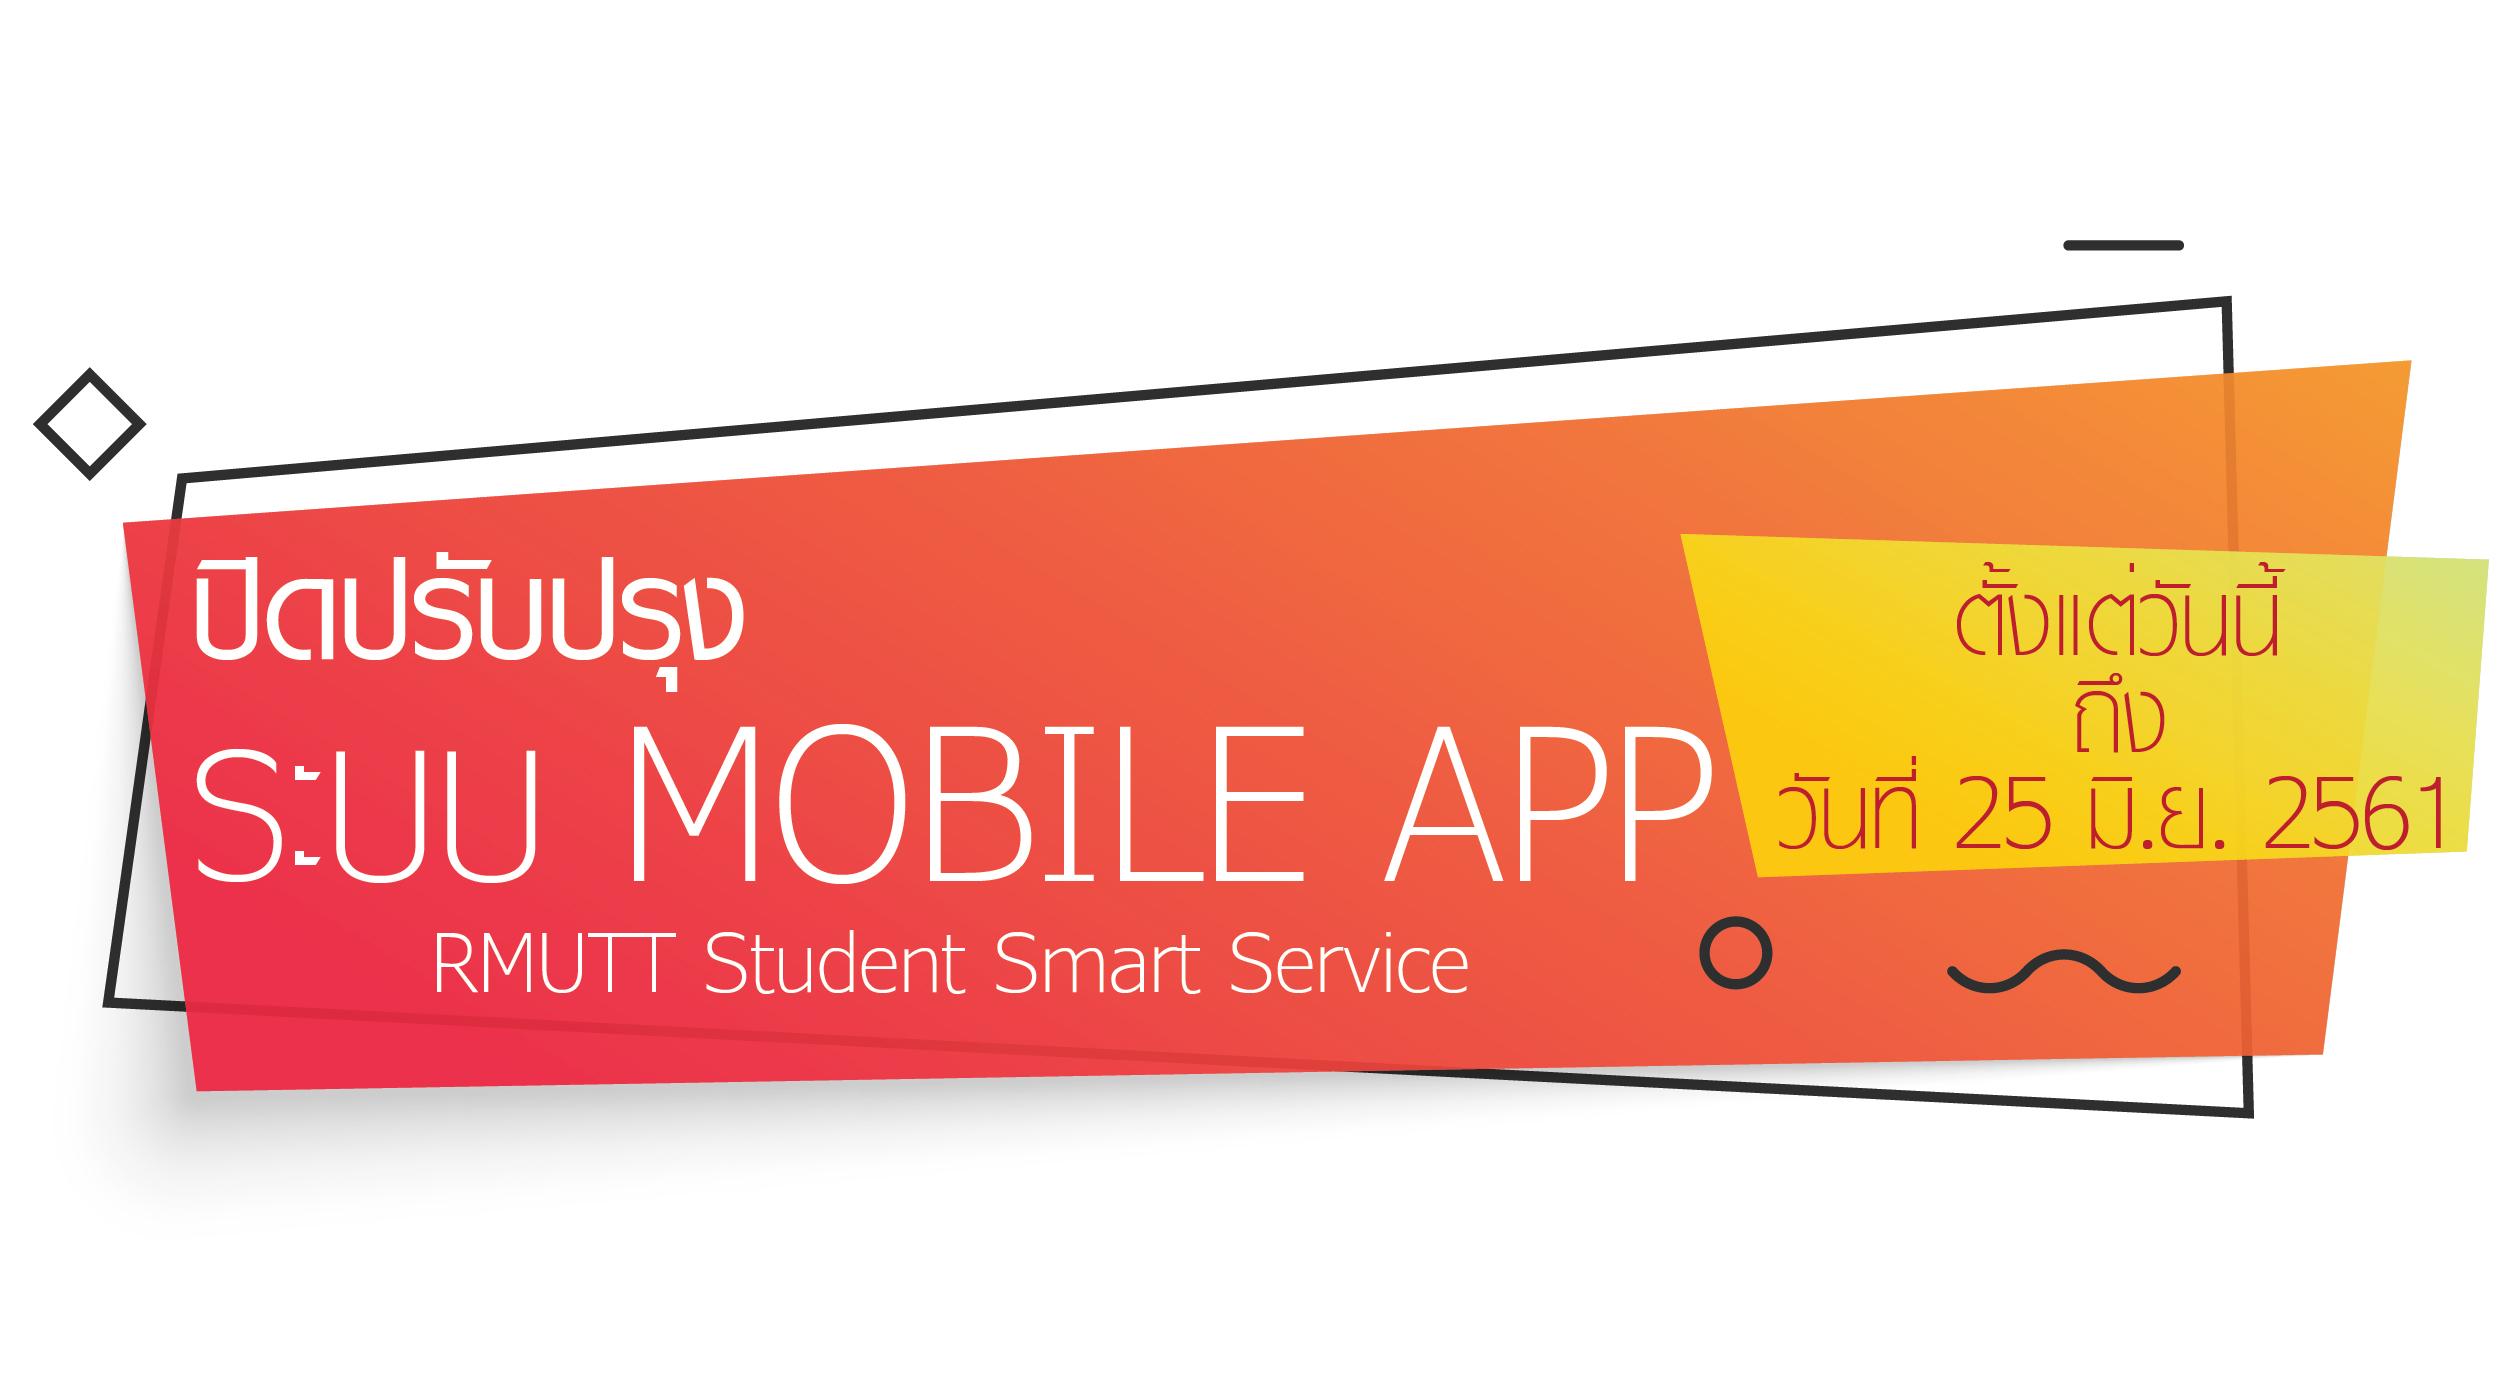 mobile-app-rmutt-01-01